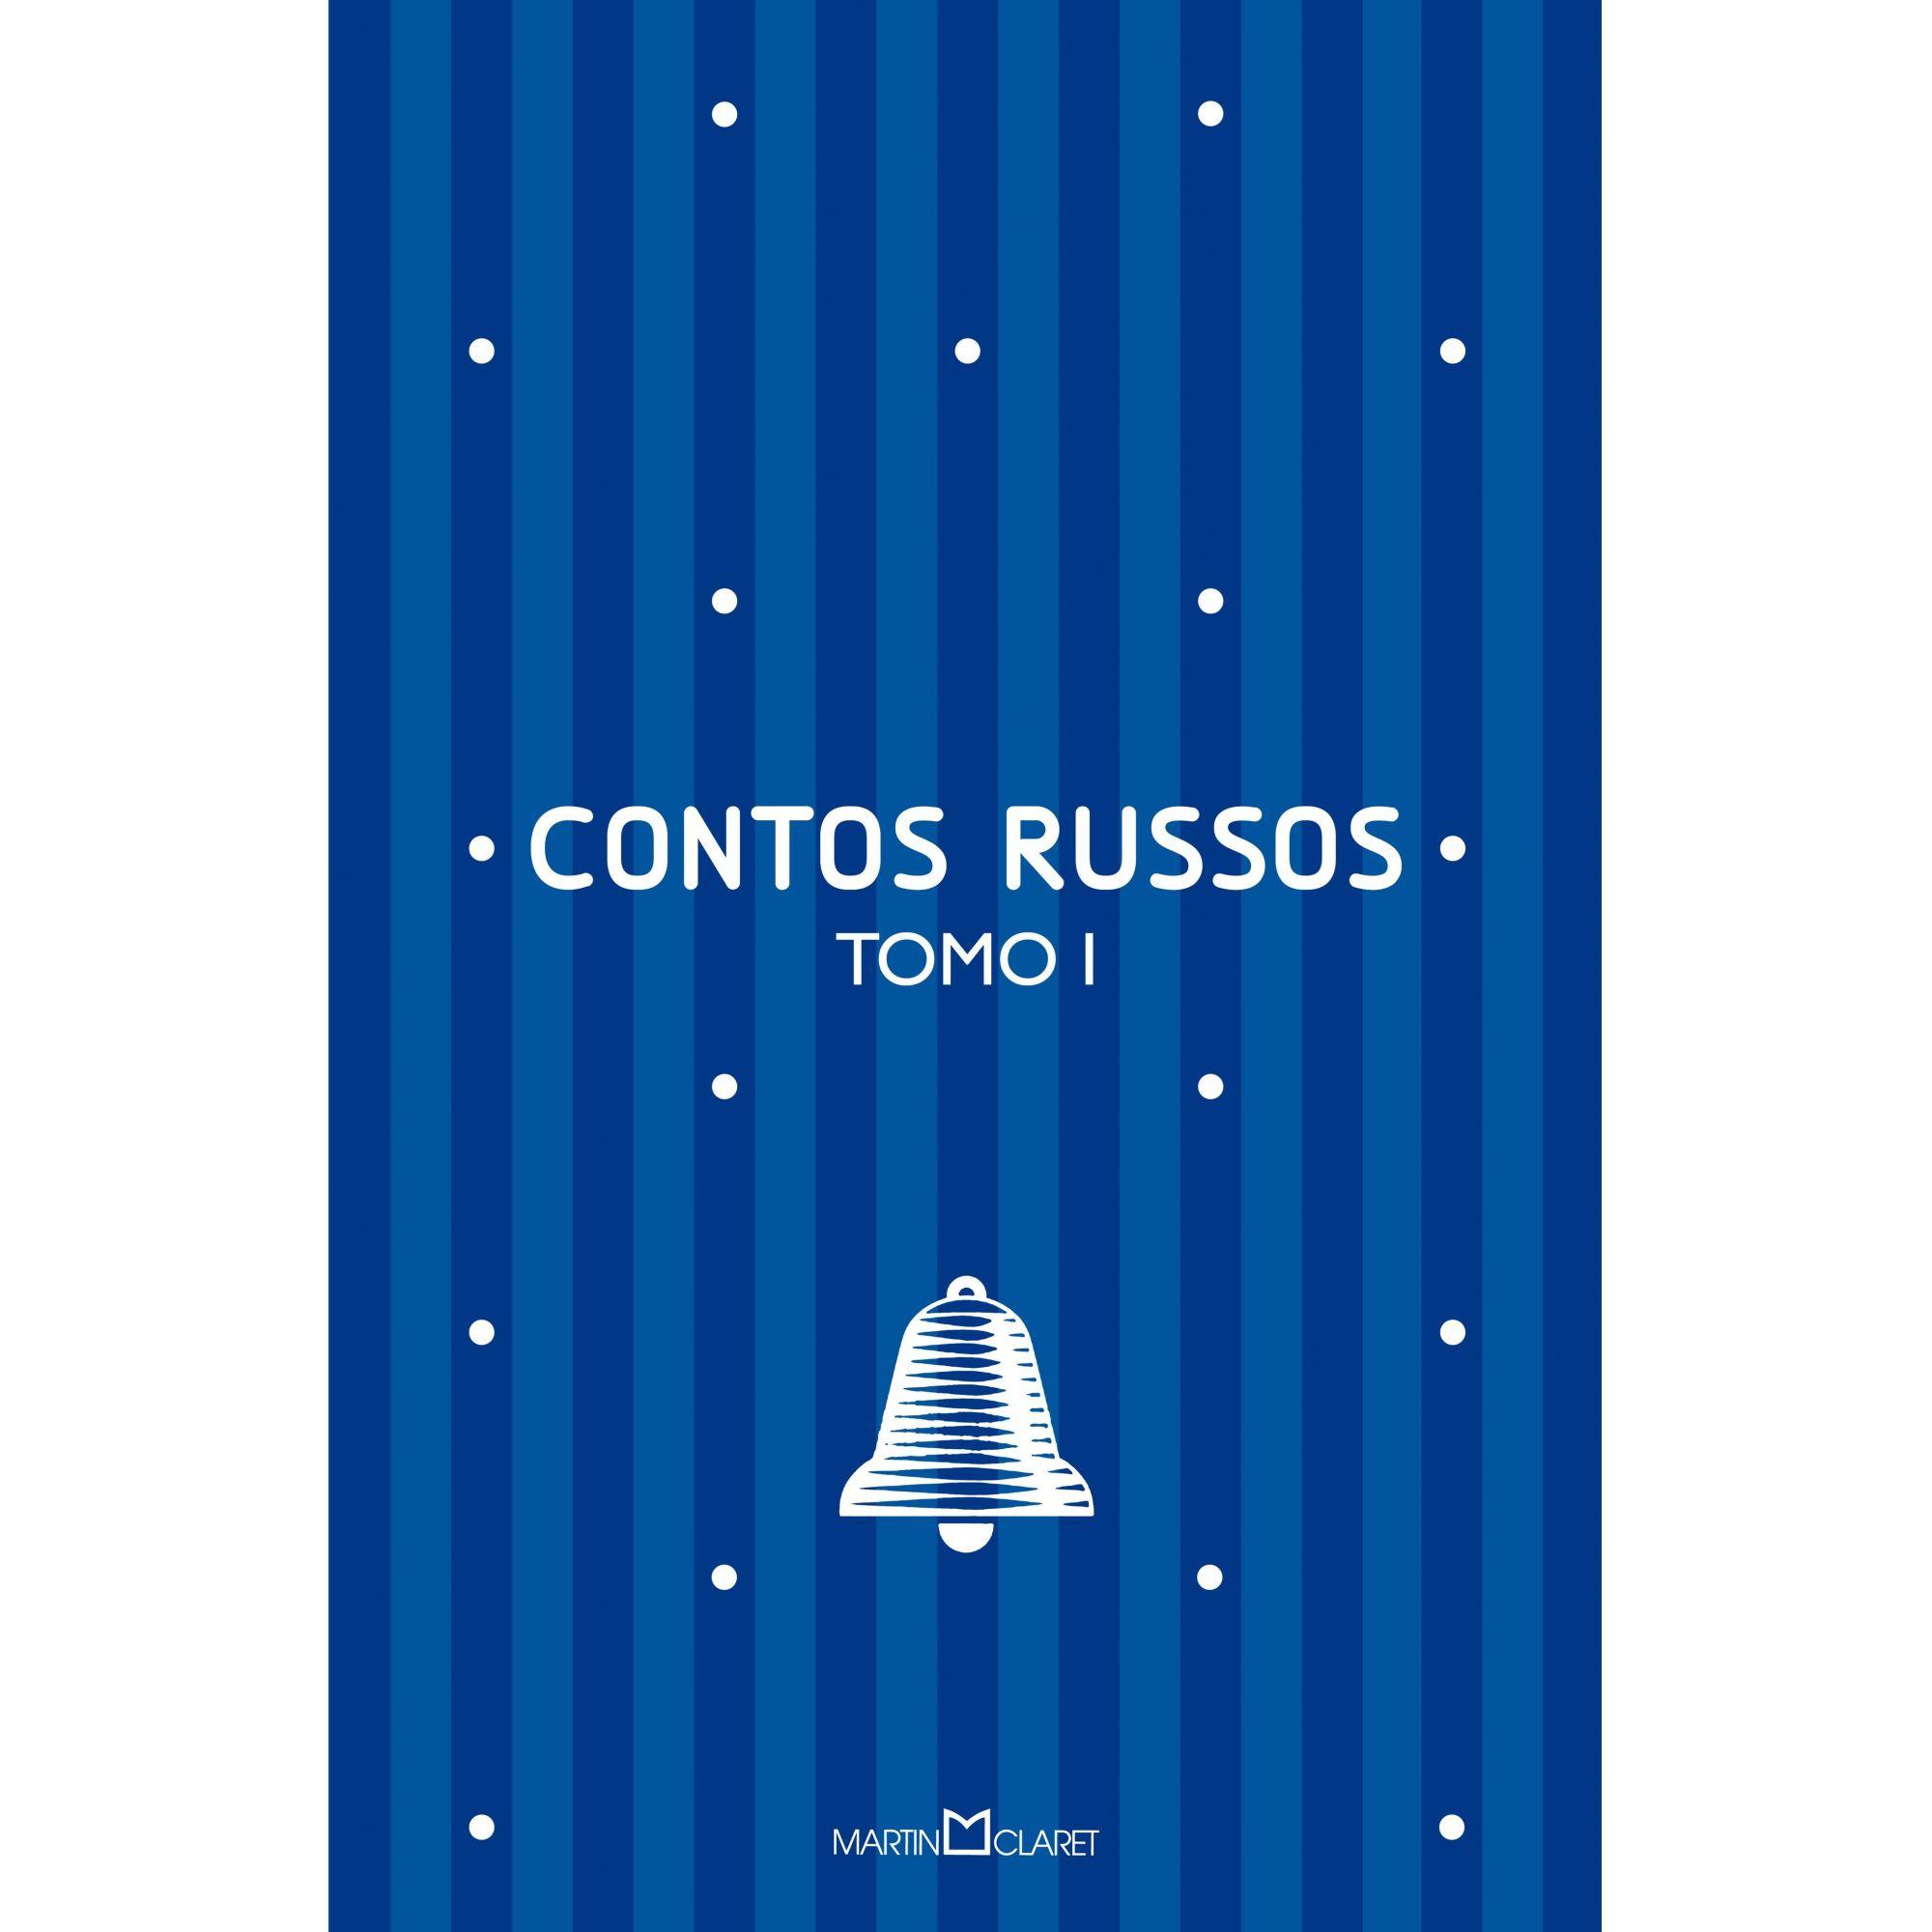 Contos russos: Tomo I